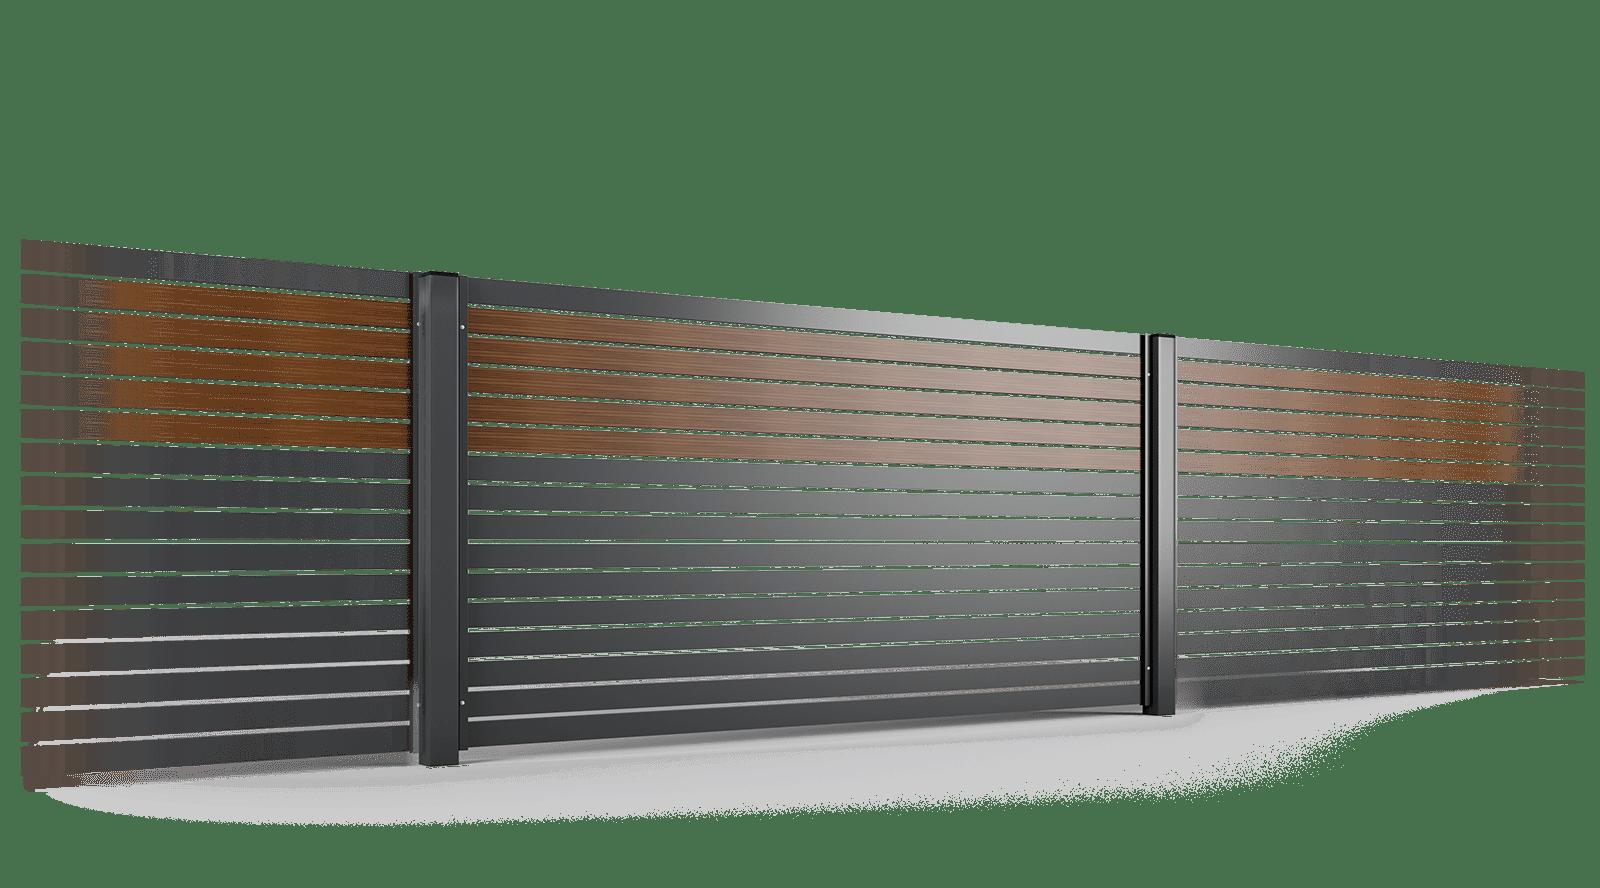 przęsło ogrodzenie palisadowe stylizowane PP 002 (P82) NOCE I BORDER KONSPORT